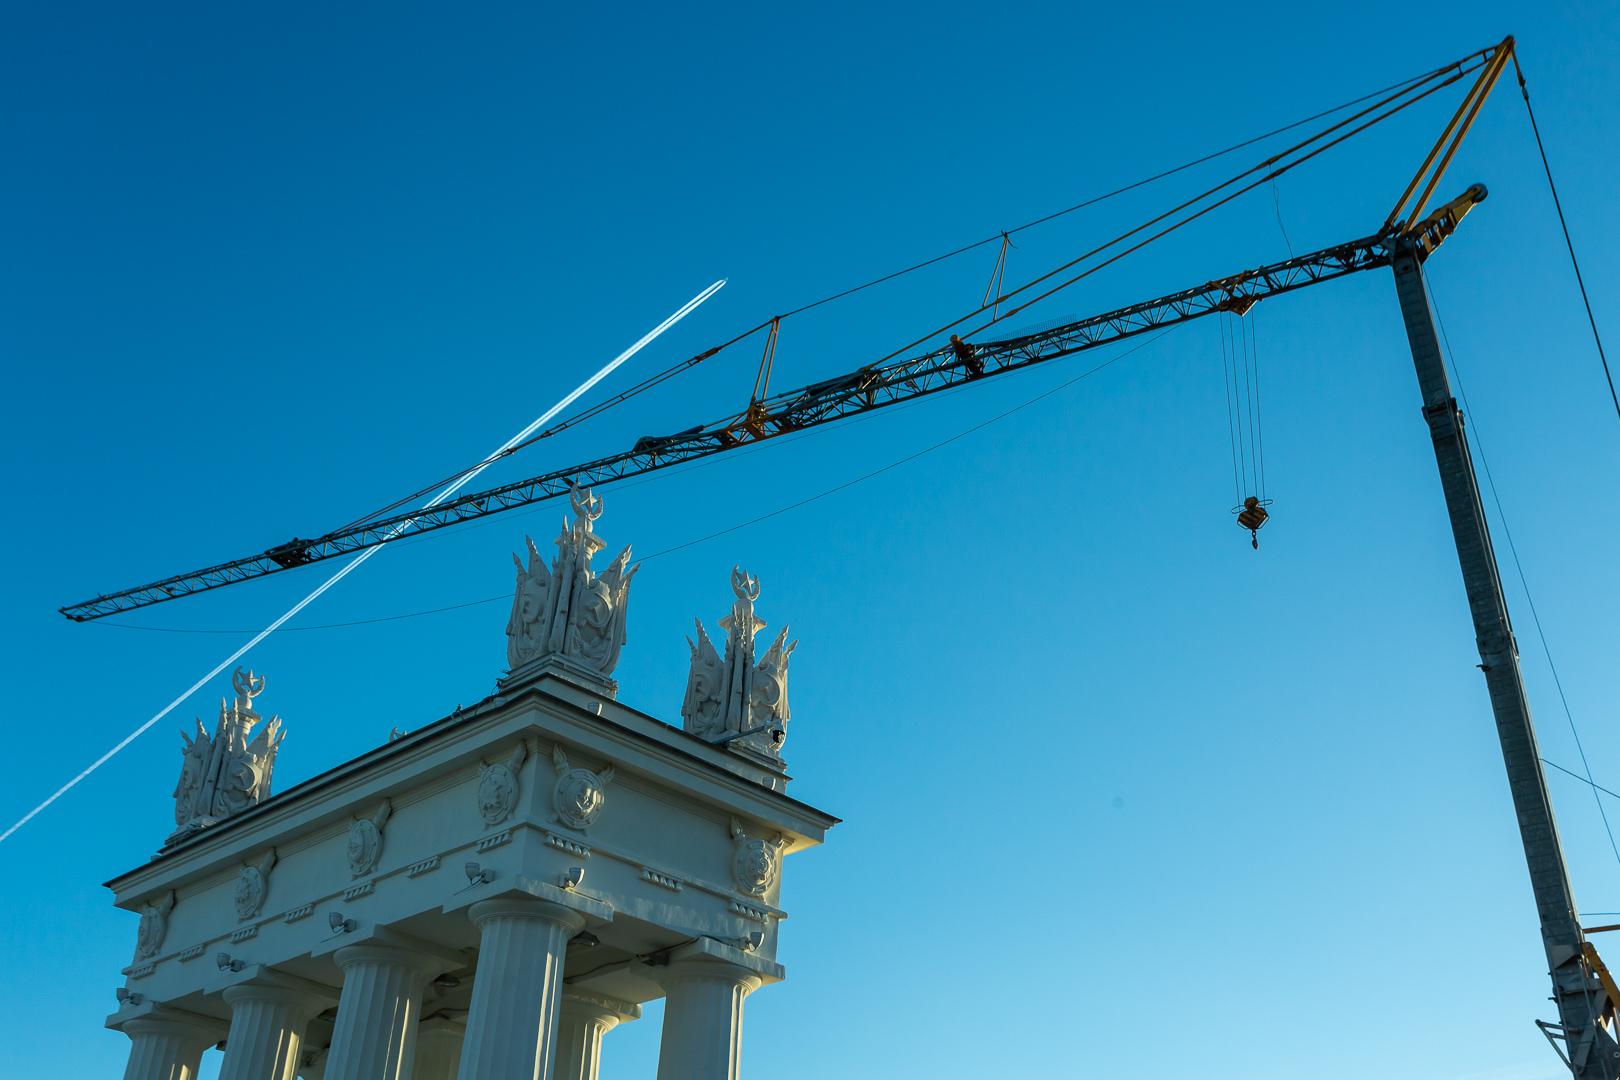 Волгоградцы увидят обновленную набережную за 1,7 миллиардов рублей через три года